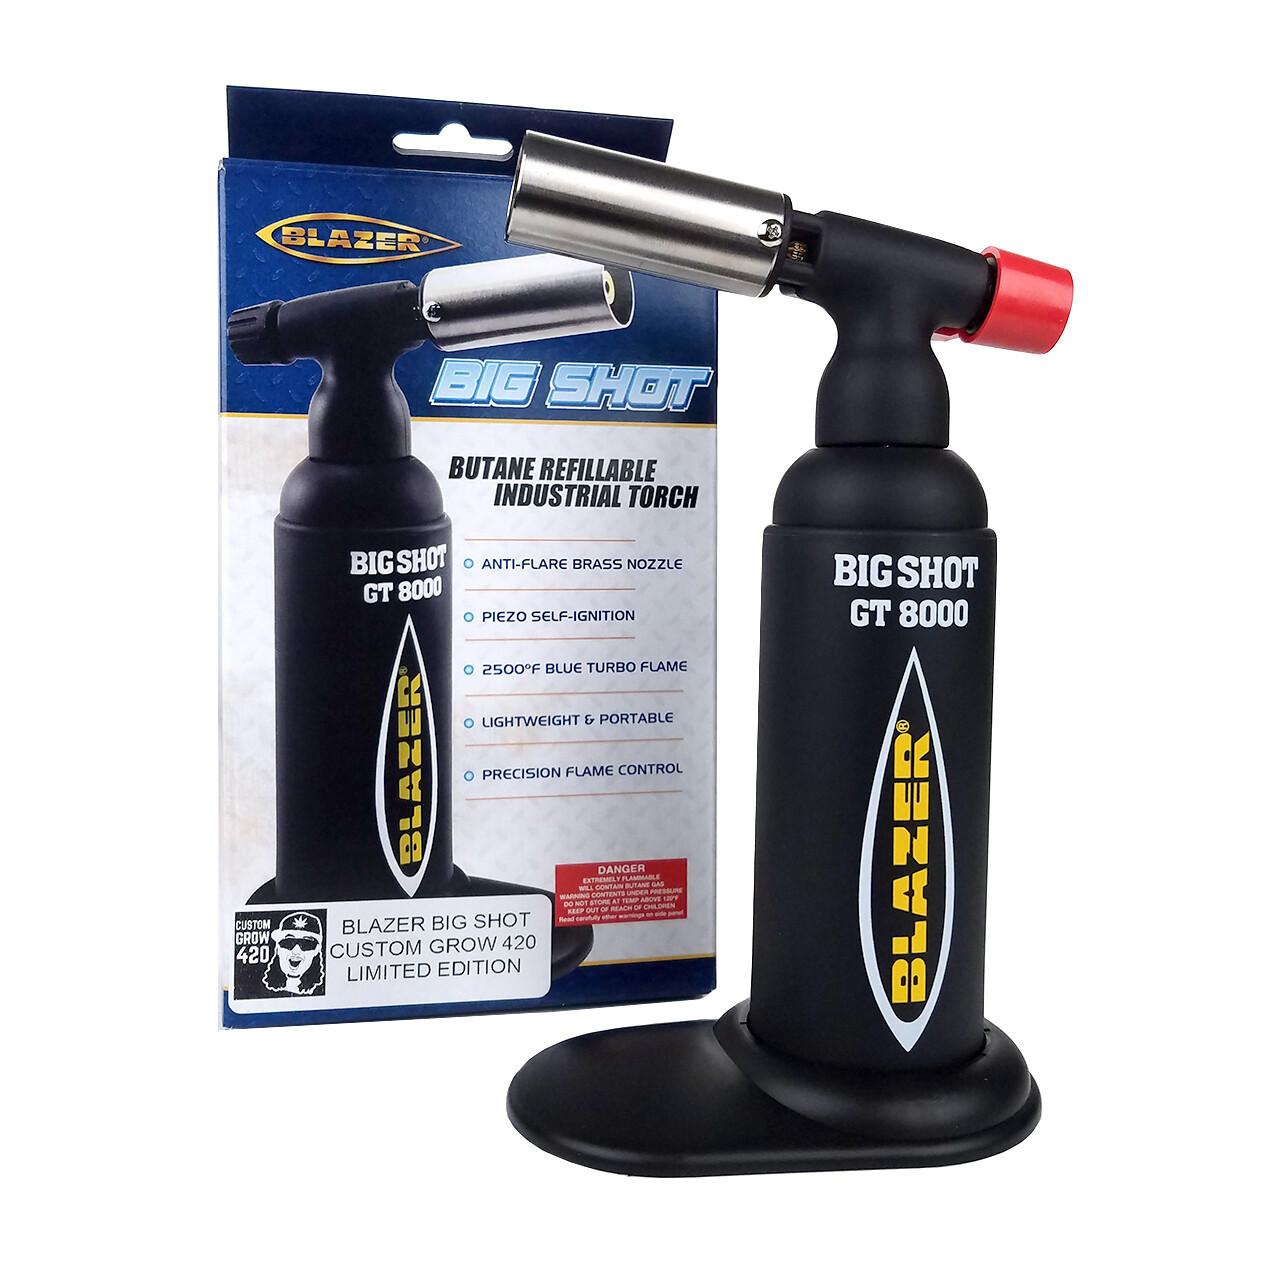 Blazer Big Shot GT8000 Torch